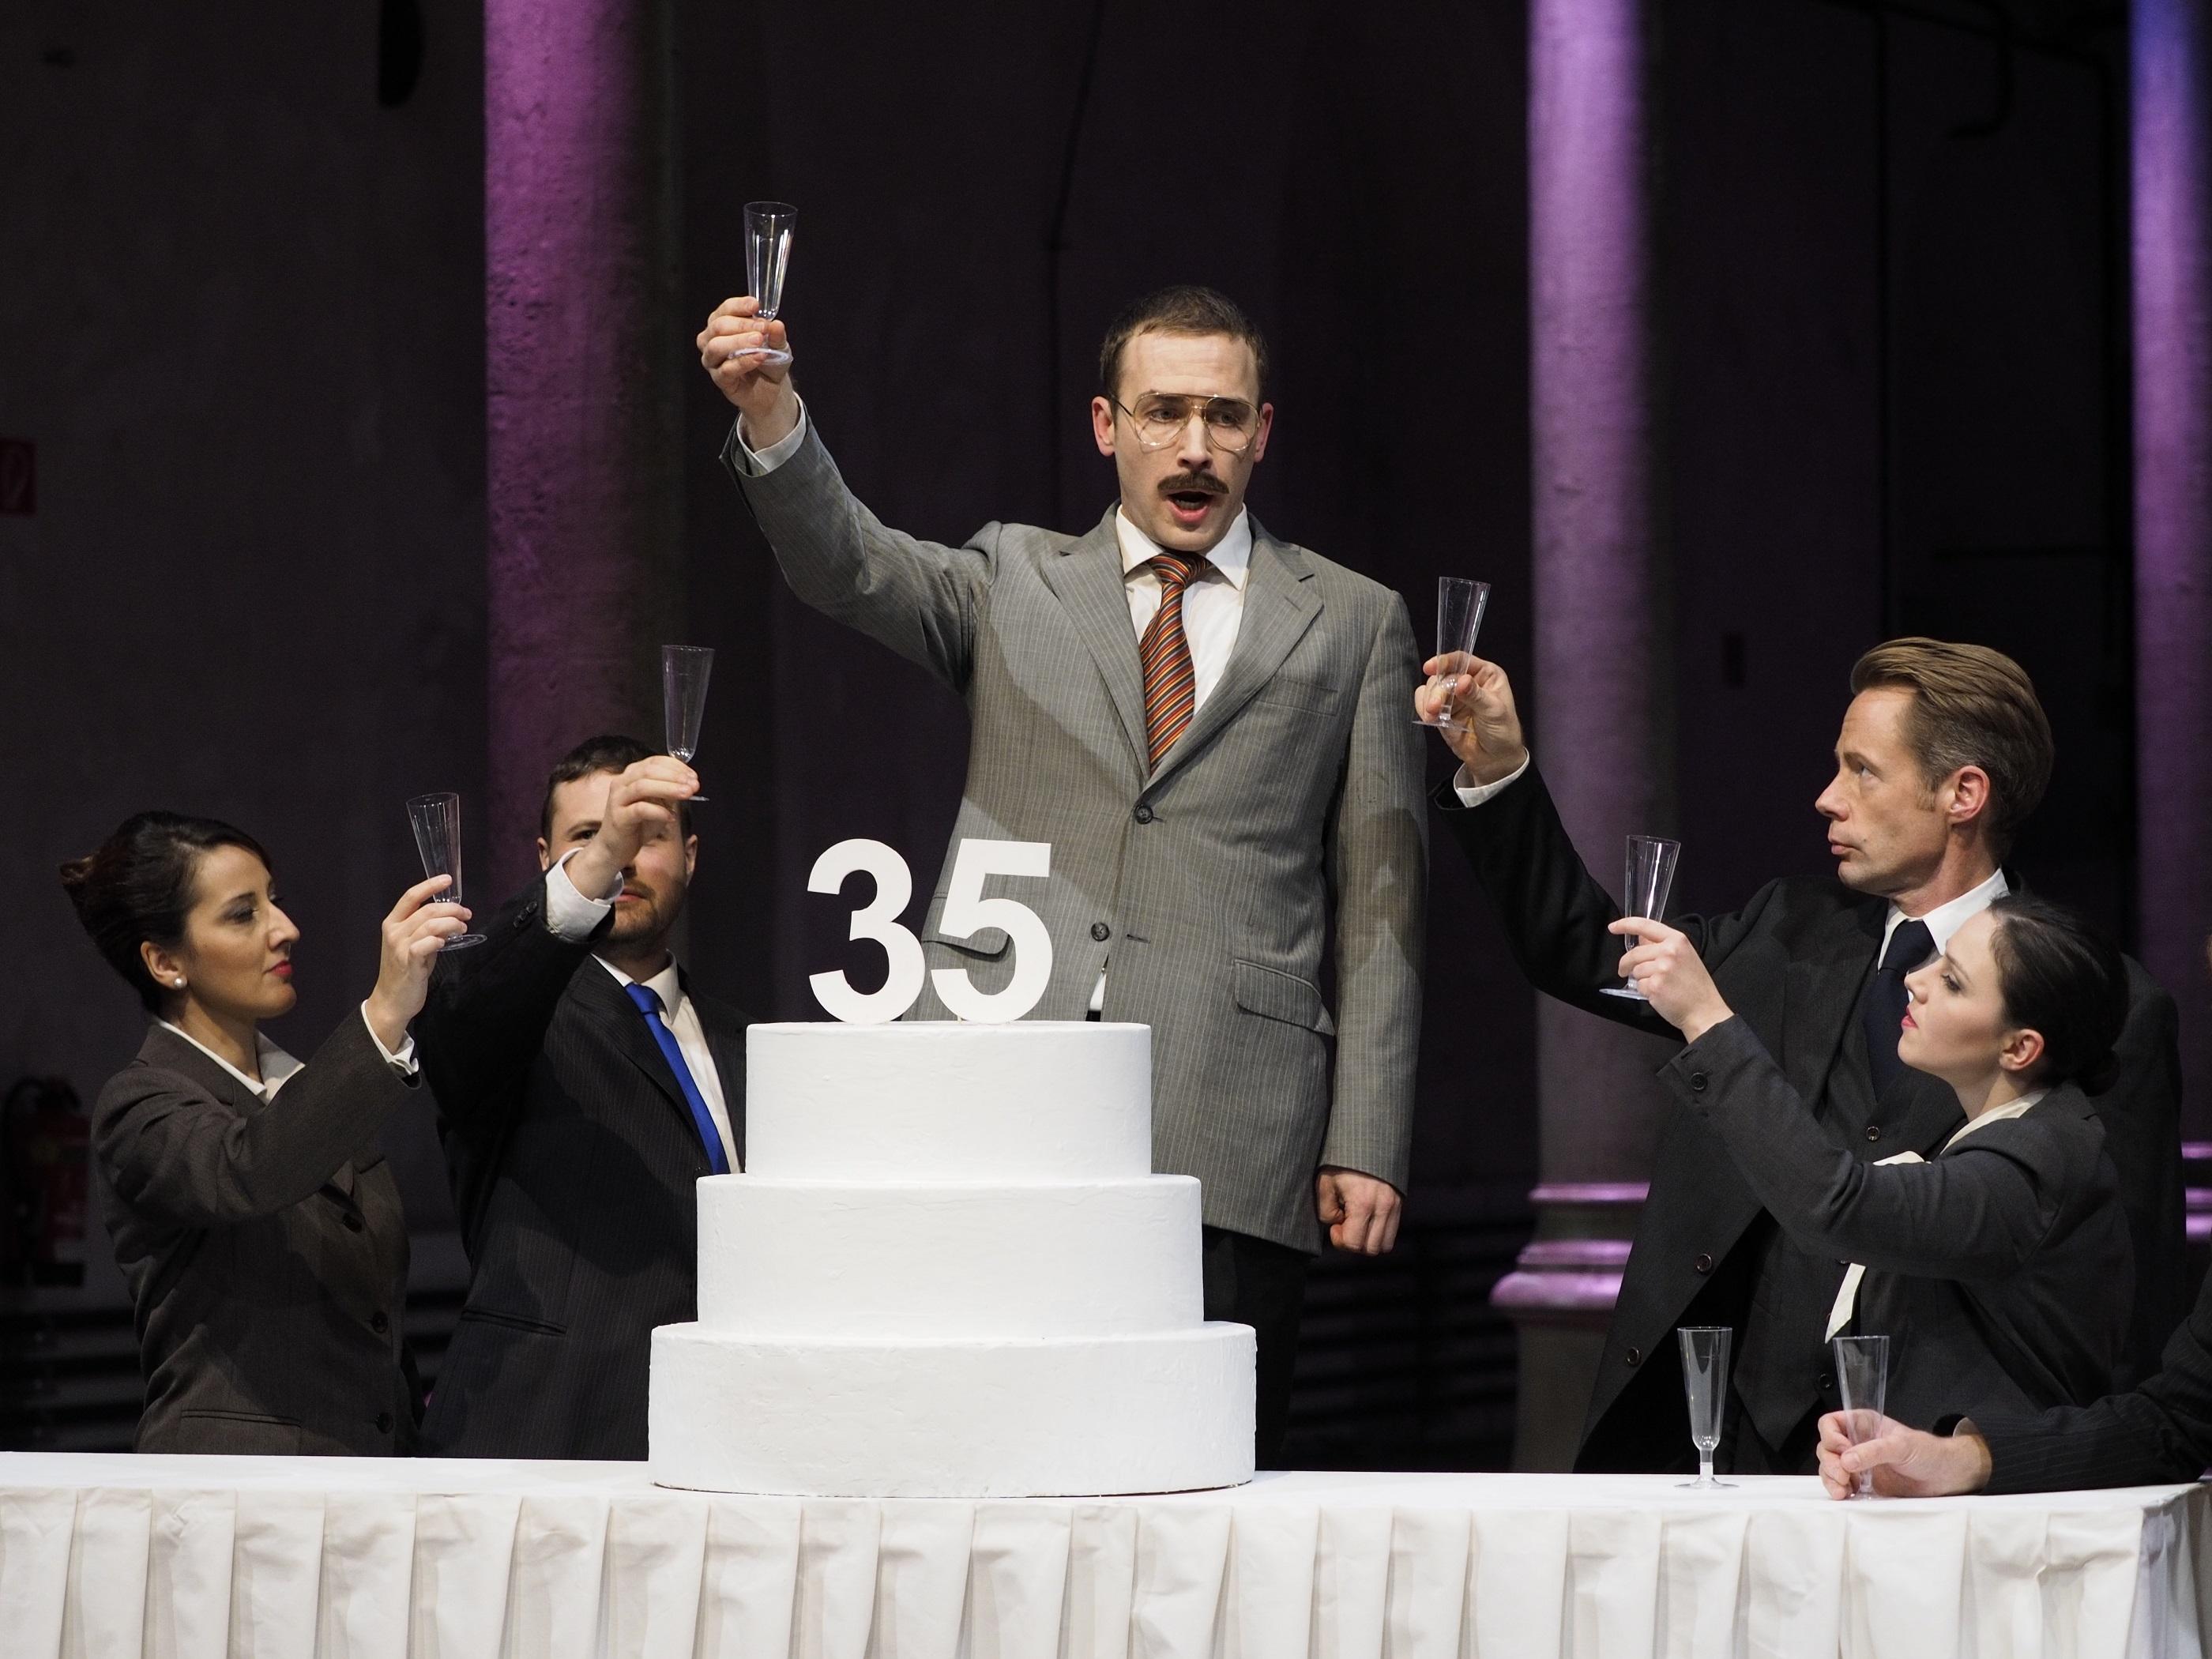 """Αποτέλεσμα εικόνας για """"Χοντορκόφσκι"""" του Περικλή Λιακάκη στην Εναλλακτική Σκηνή ΕΛΣ του ΚΠΙΣΝ"""